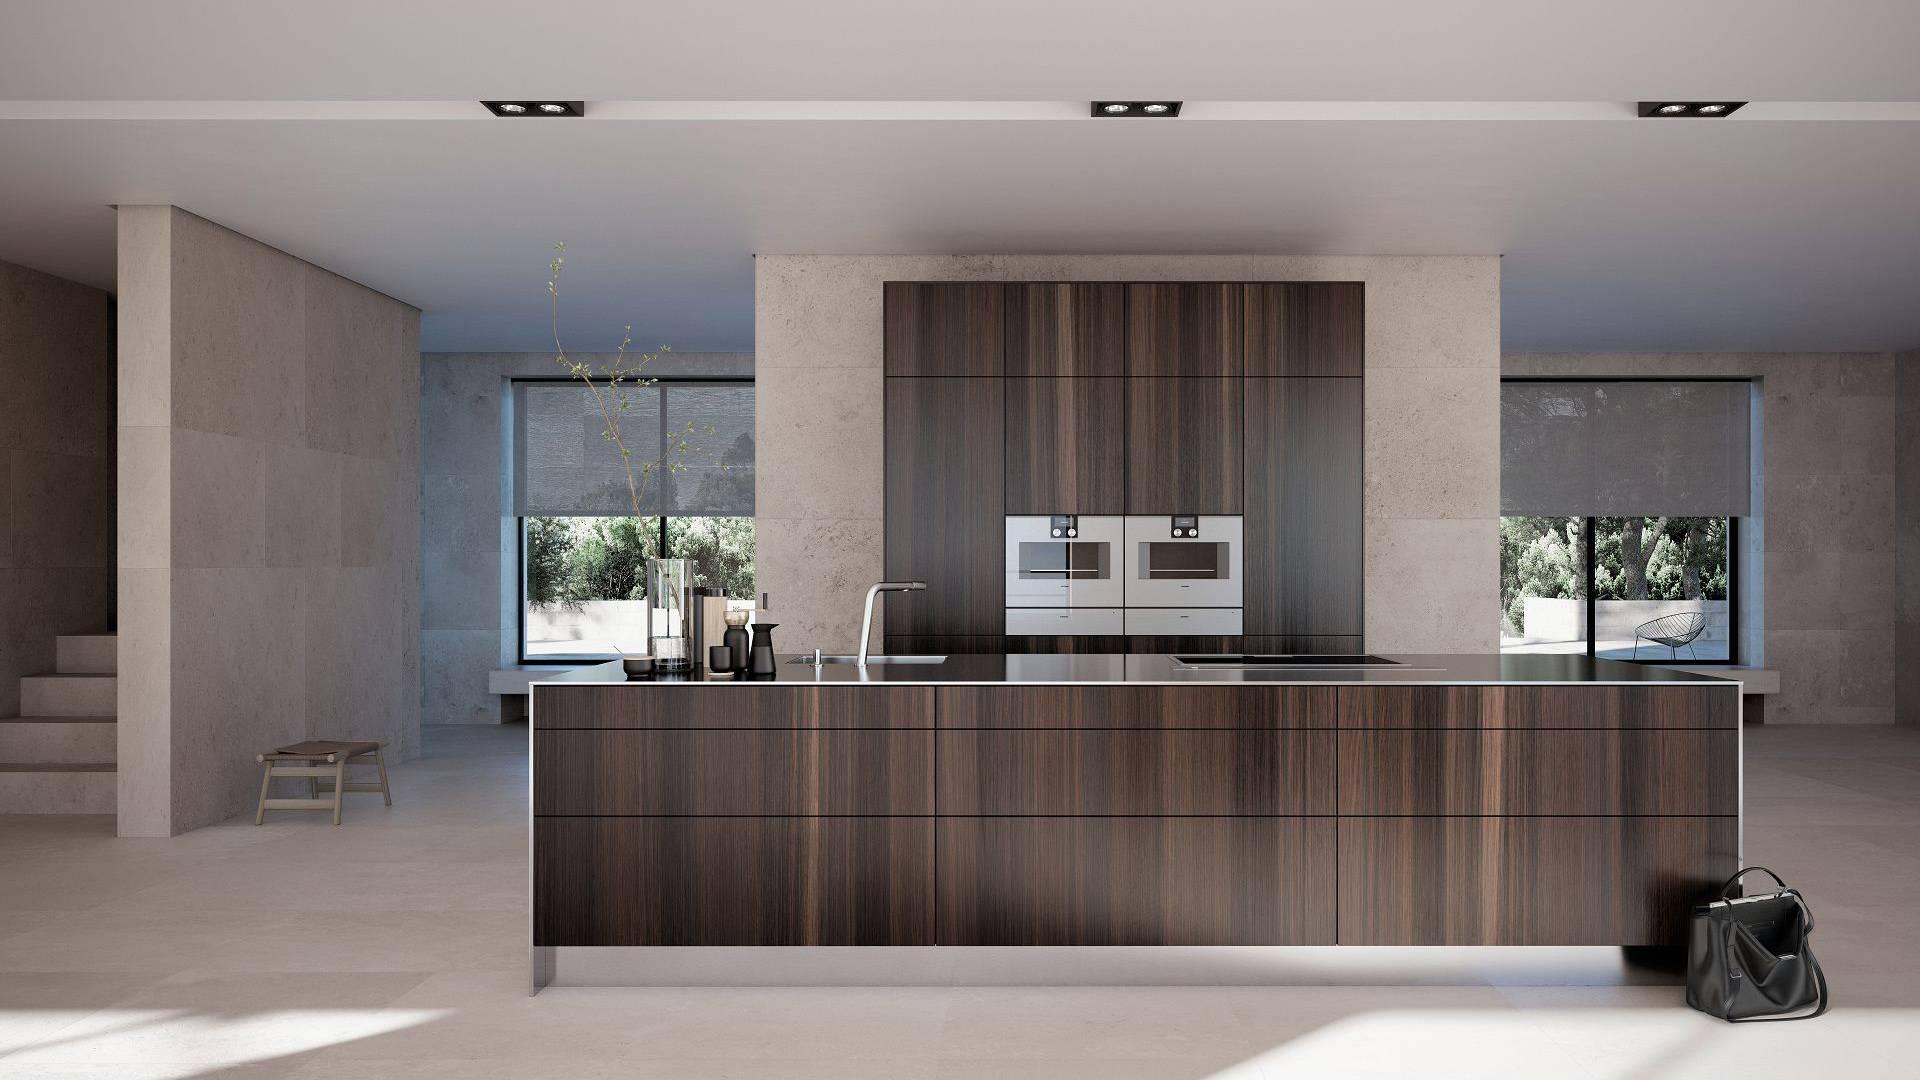 siematic kitchen interior design of timeless elegance. Black Bedroom Furniture Sets. Home Design Ideas